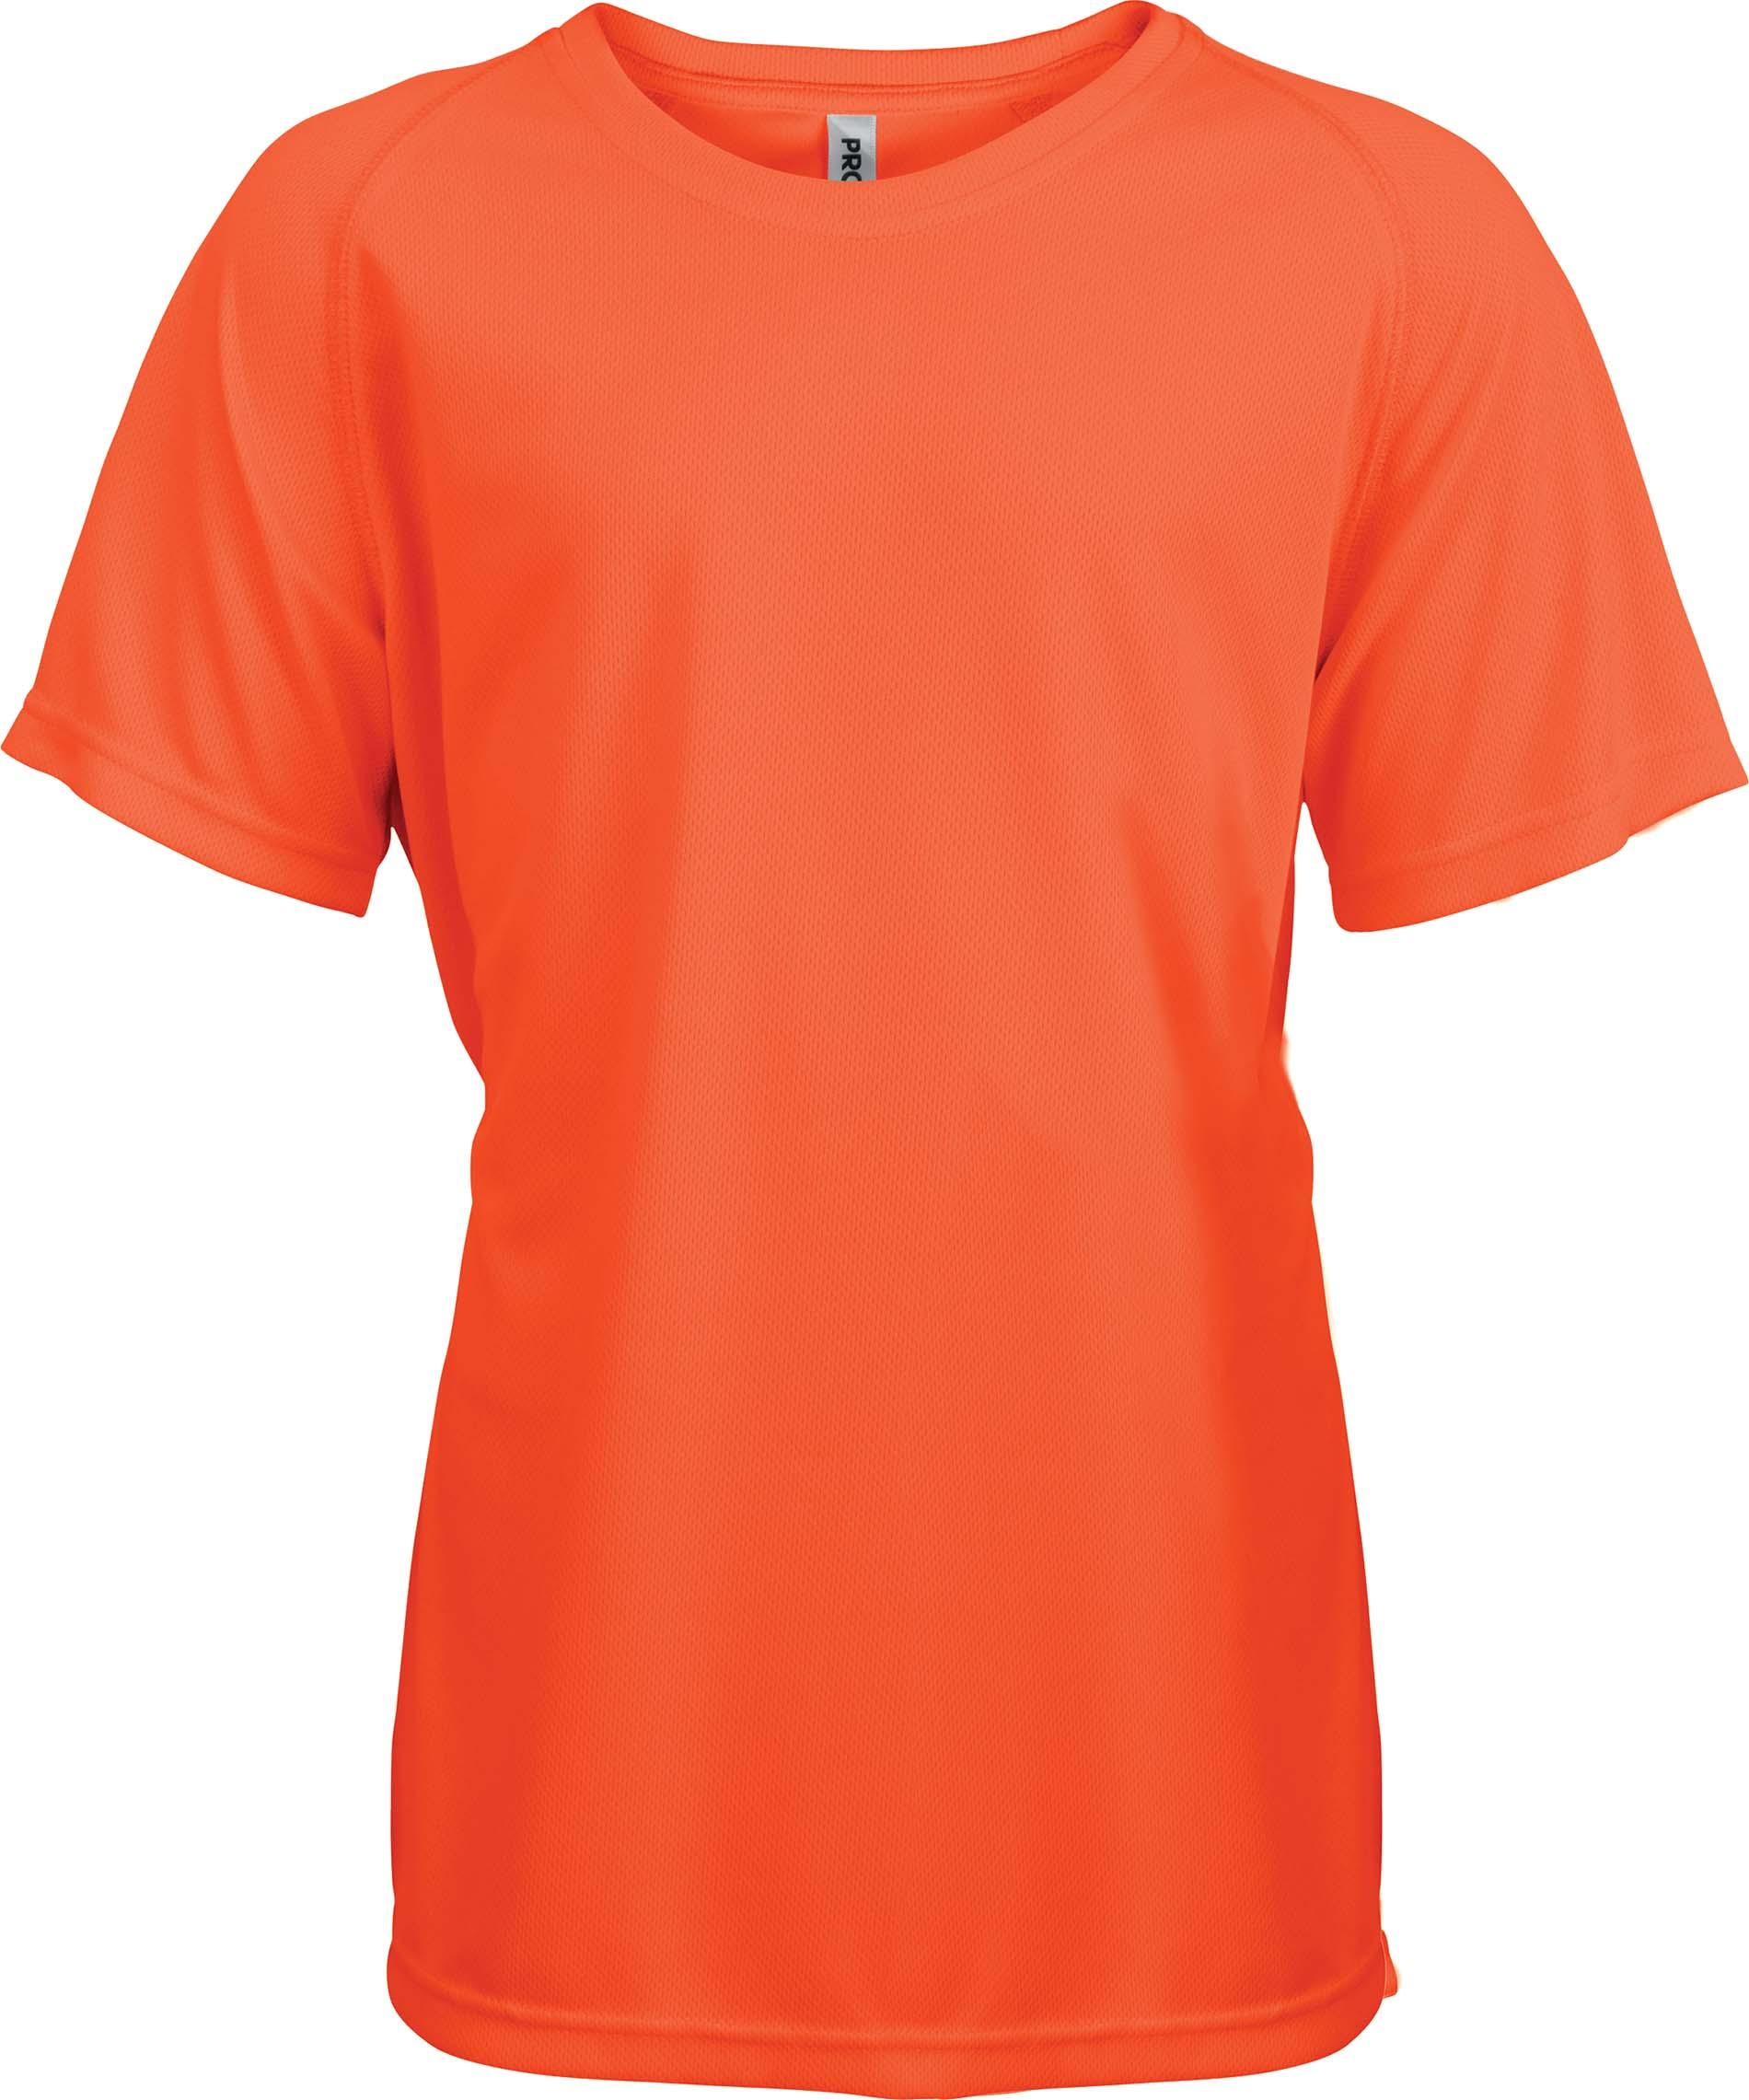 Lasten Proact T-paita PA445 Neon Oranssi